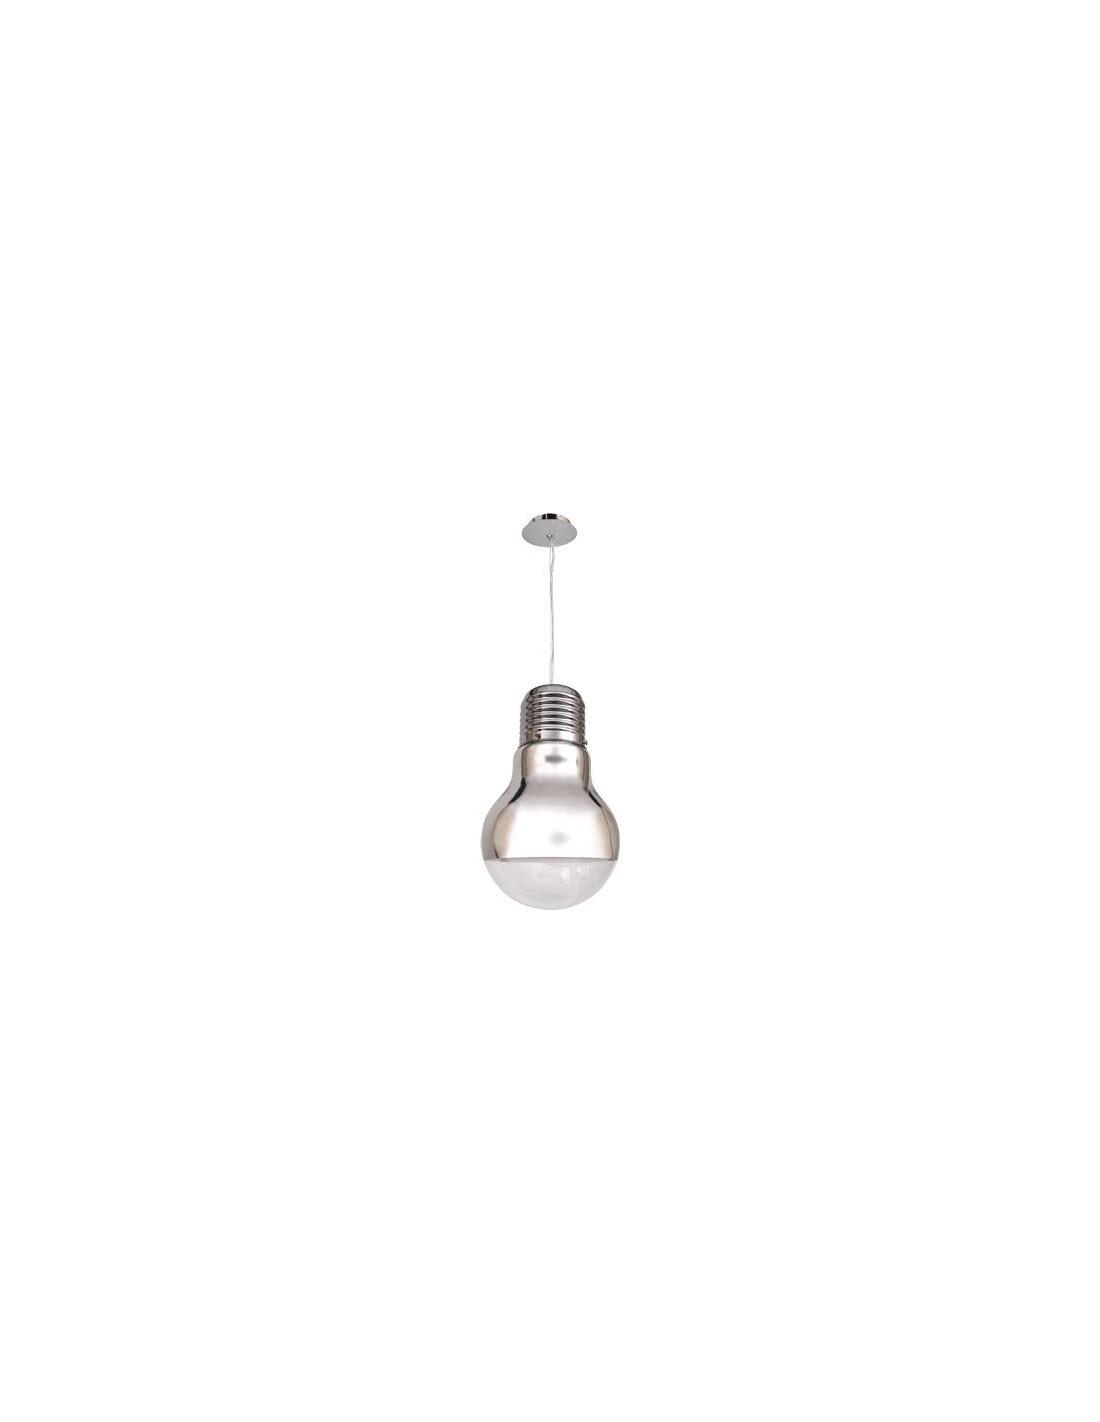 Acheter micenas 05 9596 34 37 leds c4 encastrable ext rieur for Lampe exterieur encastrable